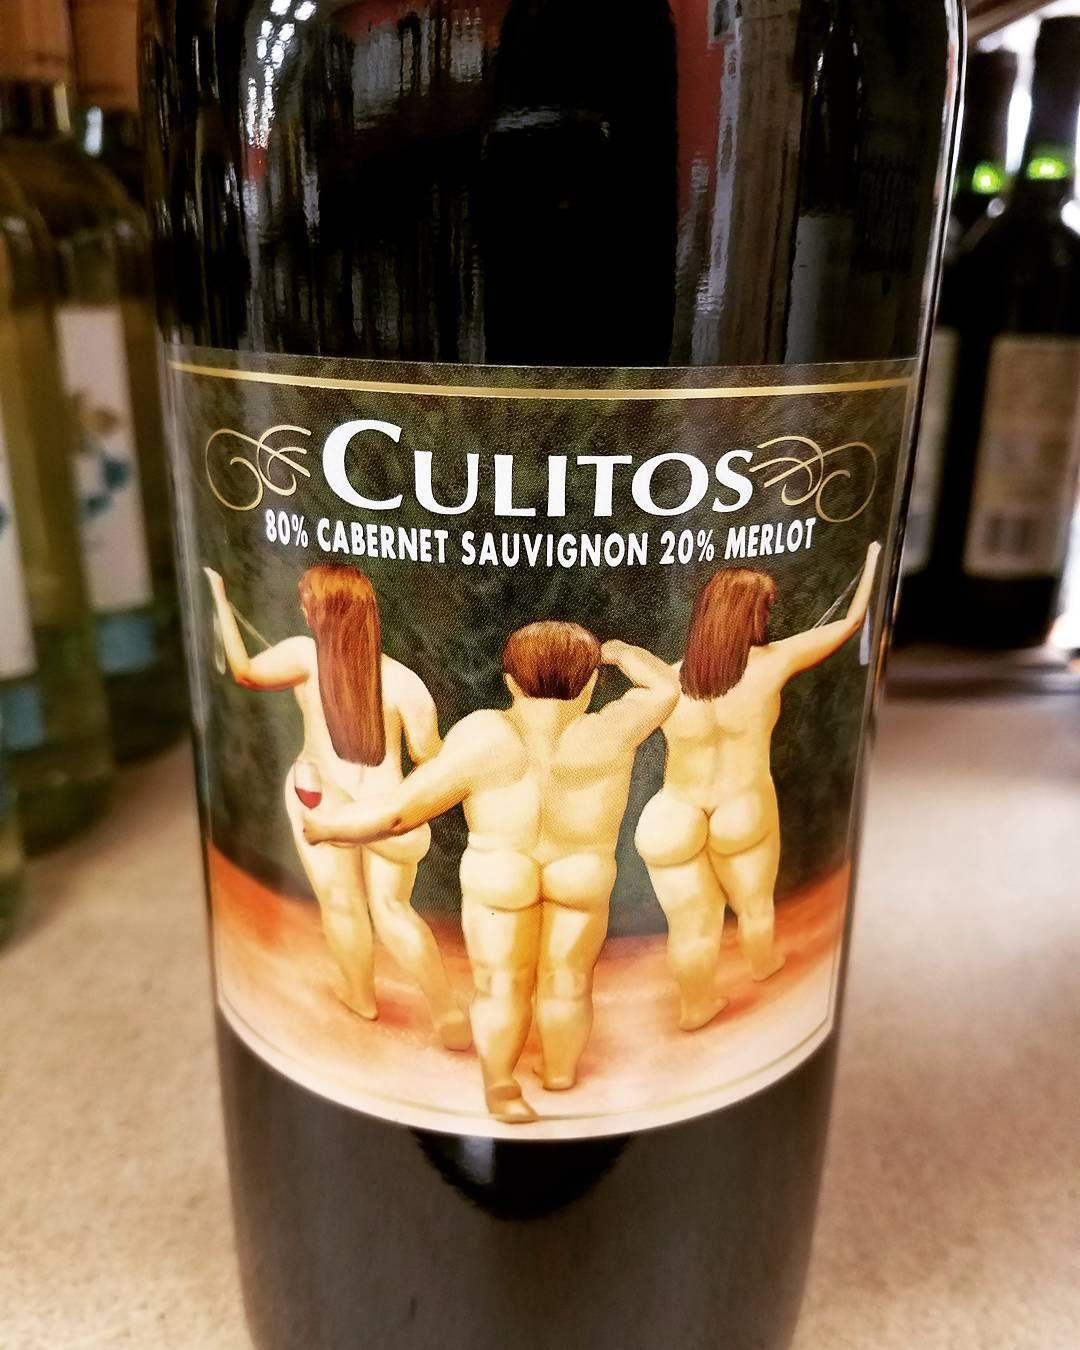 Culitos, Cabernet e Merlot #naming #pacjaging #design #vino ...